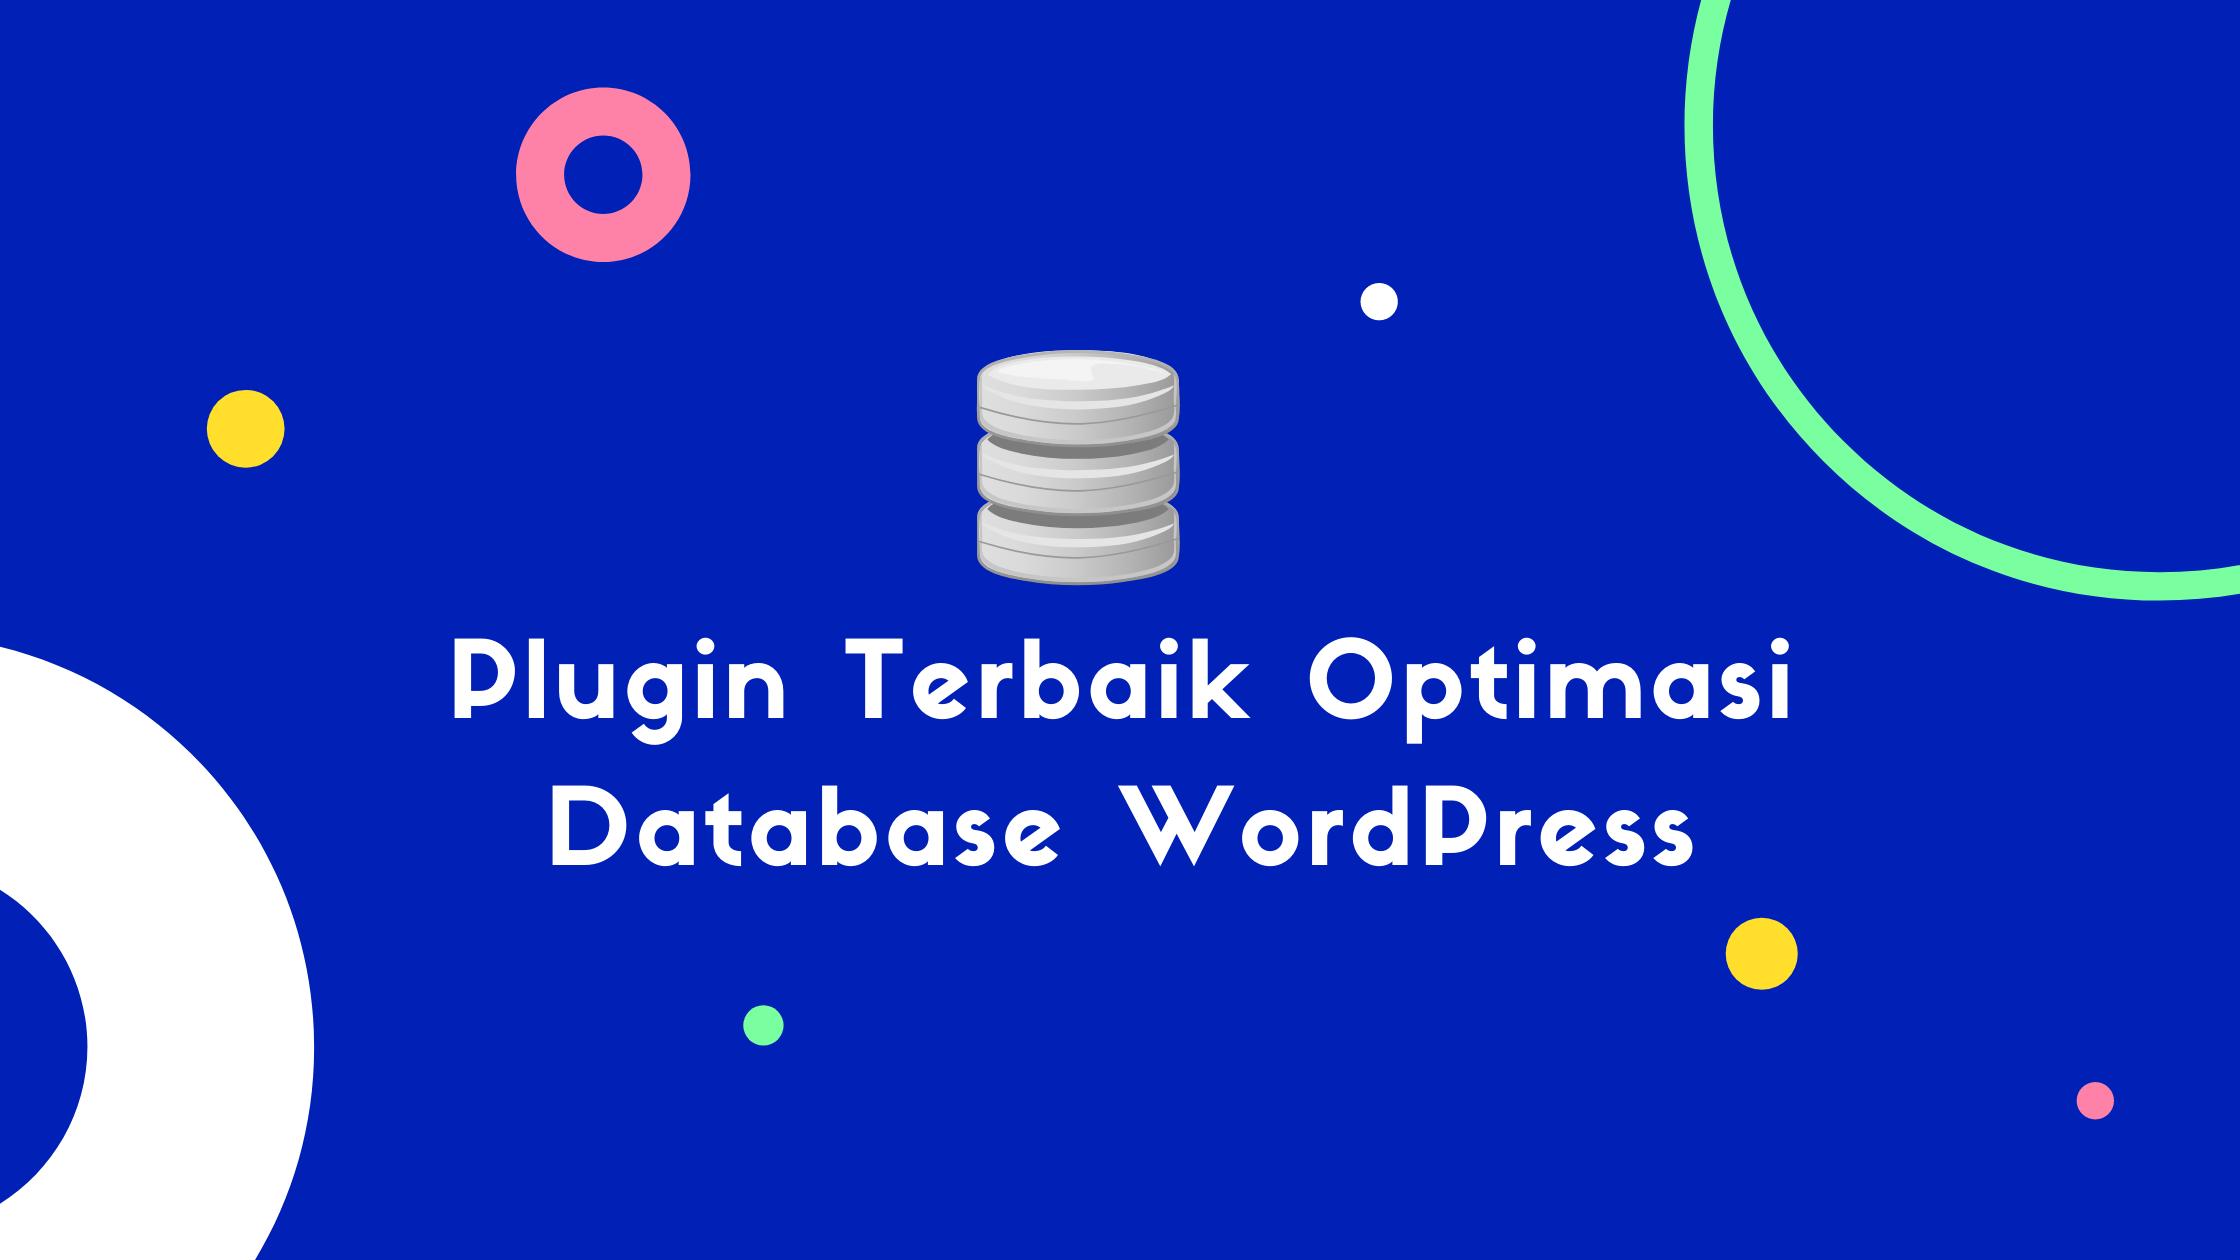 5 Plugin Terbaik Optimasi Database WordPress